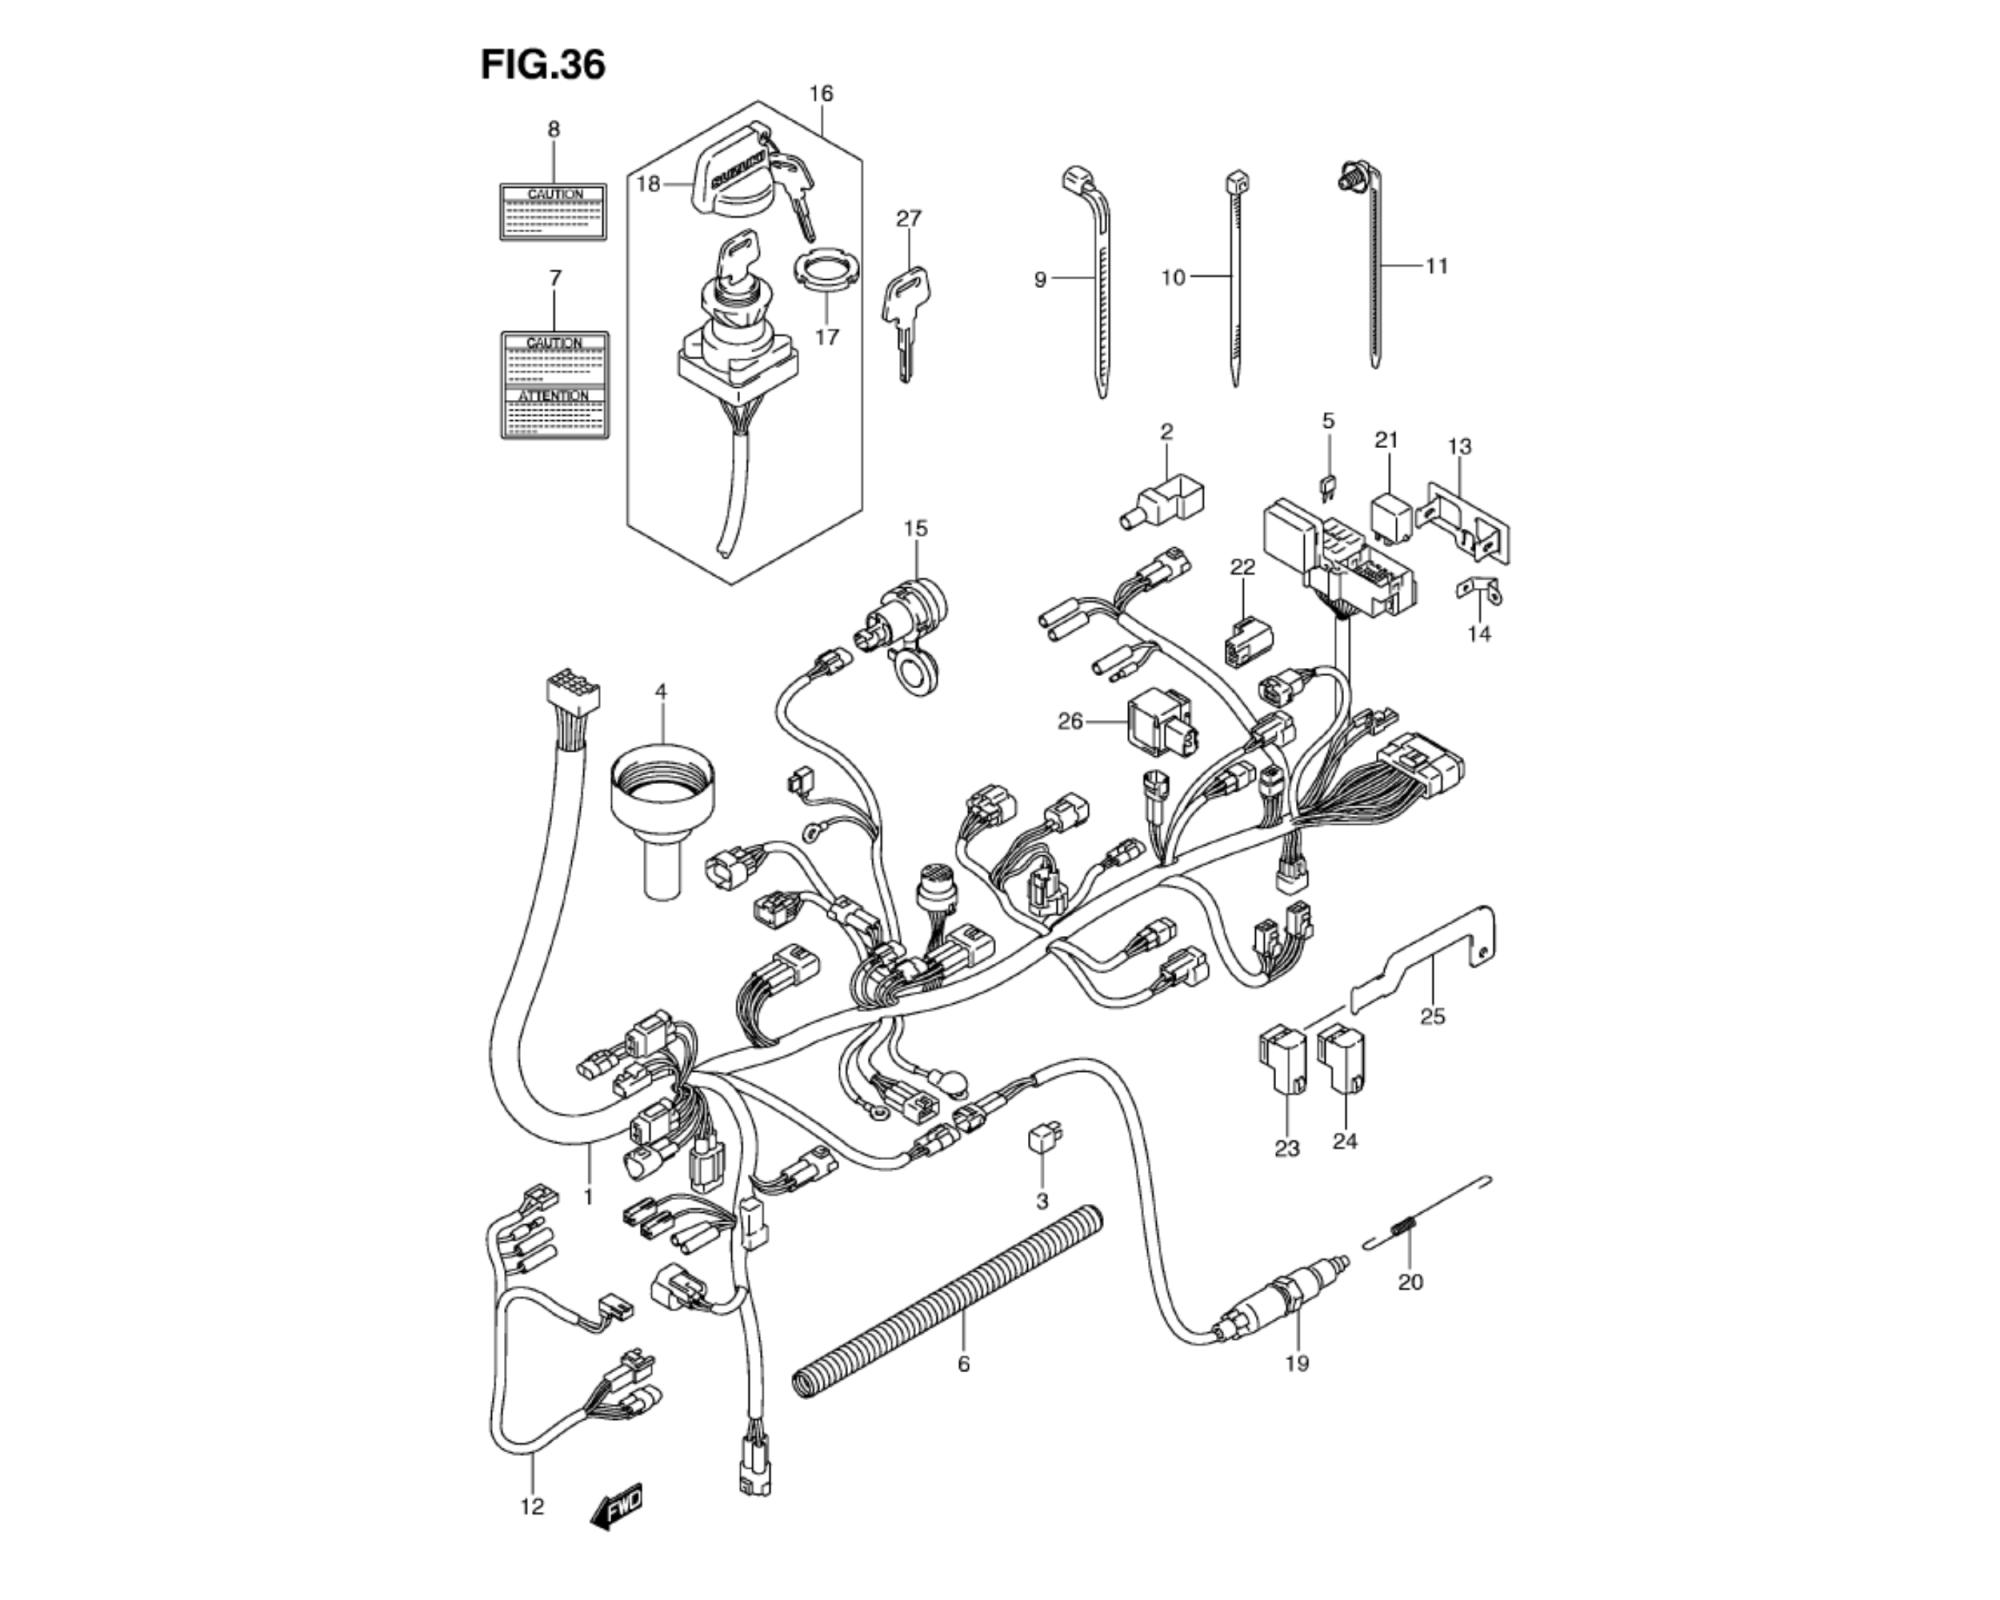 hight resolution of wiring harness motor anbauteile lta 750 kingquad mit eps 2009 2010 mit servolenkung ersatzteile suzuki lta 750 king quad ersatzteile suzuki